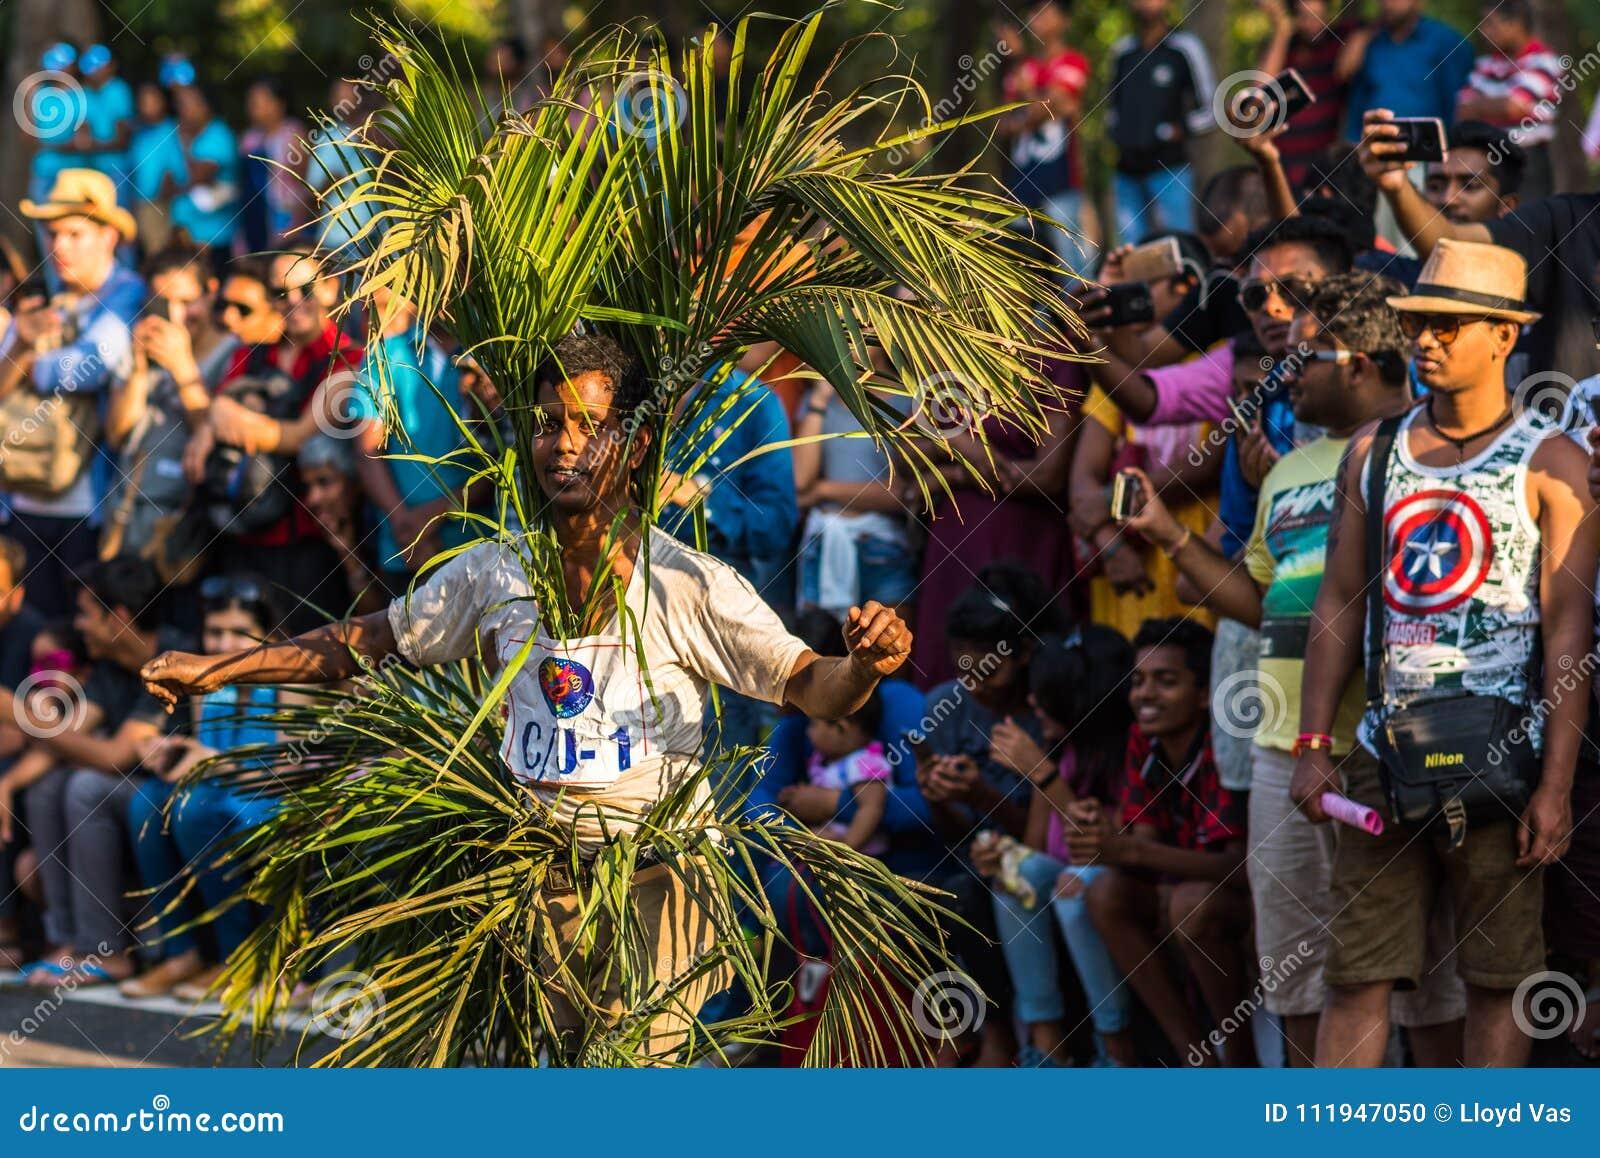 Margao, Goa/Indien 12. Februar 2018: Karnevalsfeiern in Goa, Indien